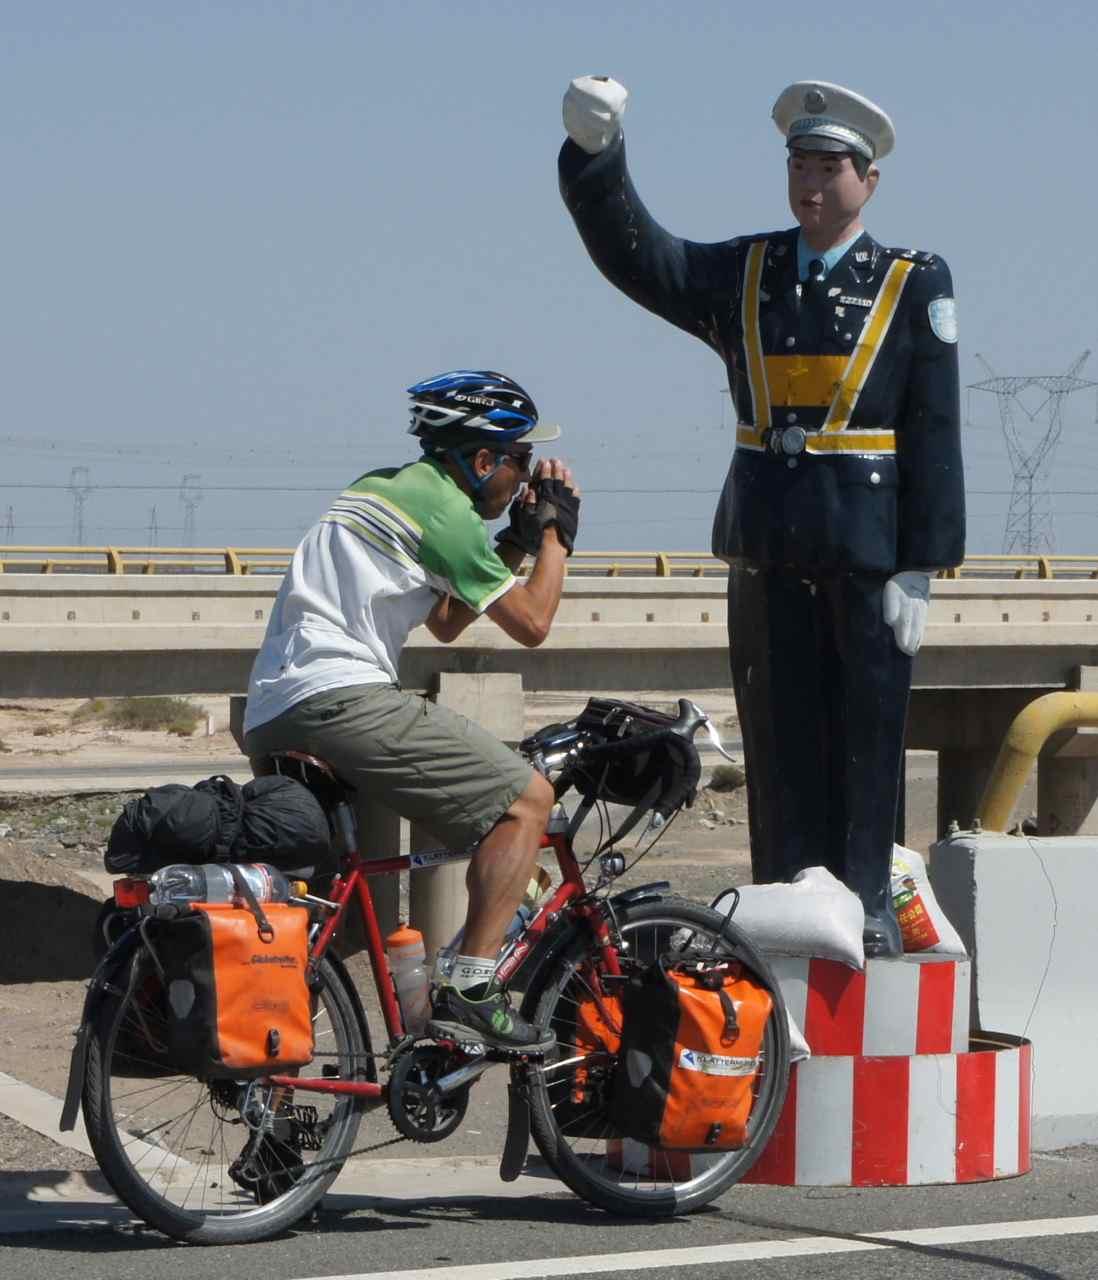 โจคิมเพลินปั่นเร็วไปหน่อย ตำรวจโบกให้จอดเลย ซ่าเกินเหตุเดี๋ยวได้โดนปรับหรอก แต่ก็รอดมาได้ ตำรวจจีนน่ารัก แค่โบกเฉย ๆ ;-)